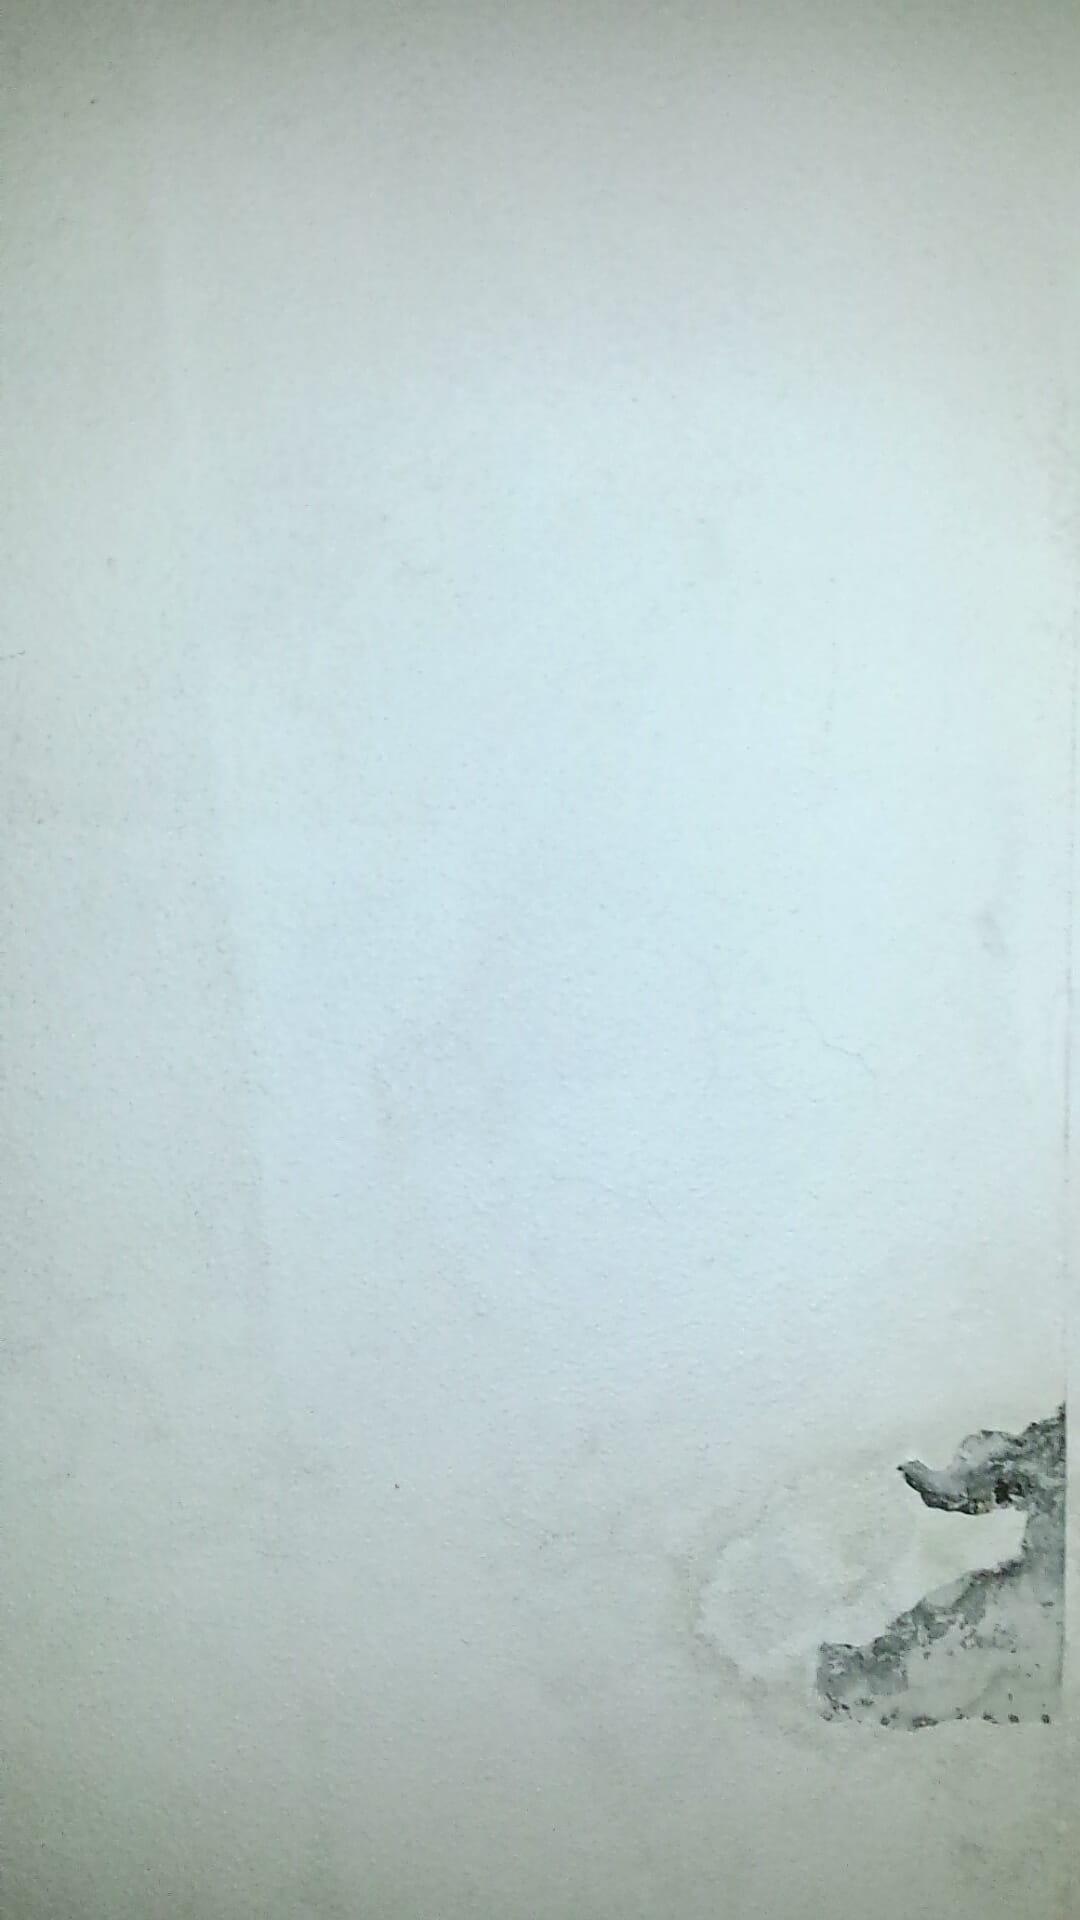 Probleme D'Humidite Dans Salle De Bain ~ repeindre plafond salle de bain avec probl me d humidit